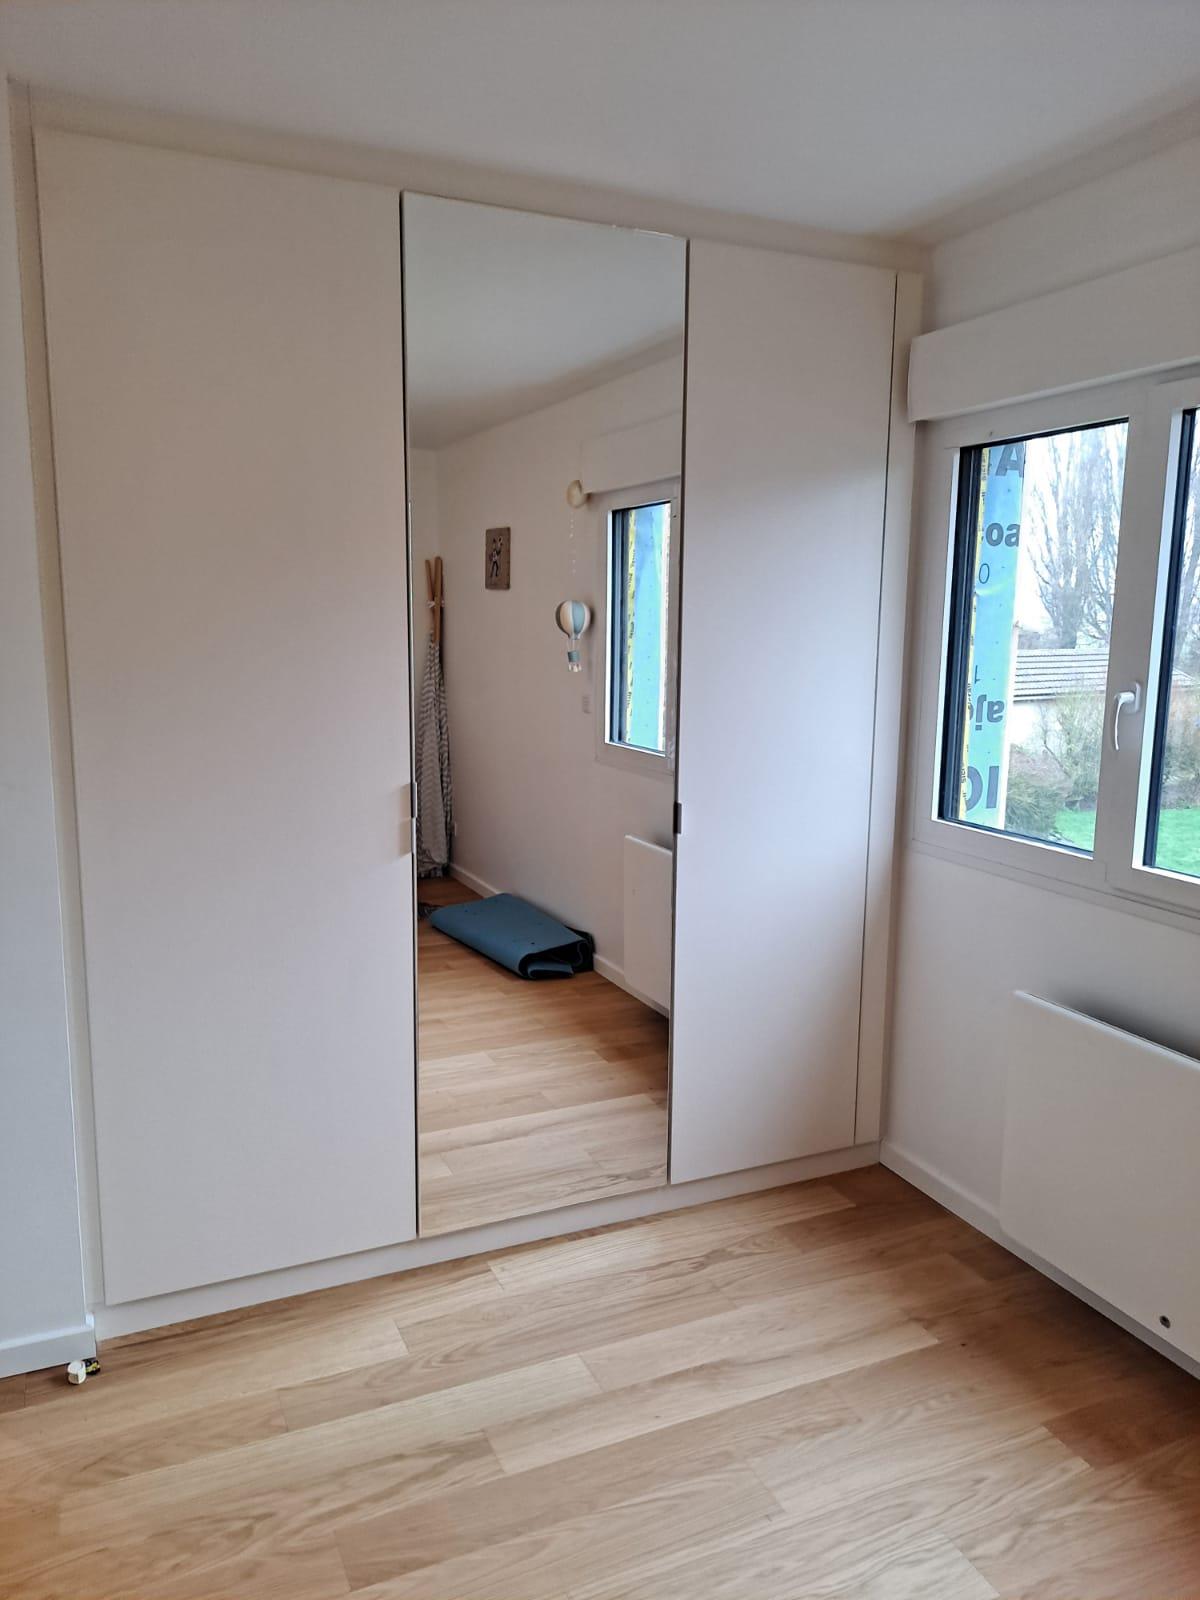 Sur cette troisième photo, on voit le deuxième placard avec les portes fermées.